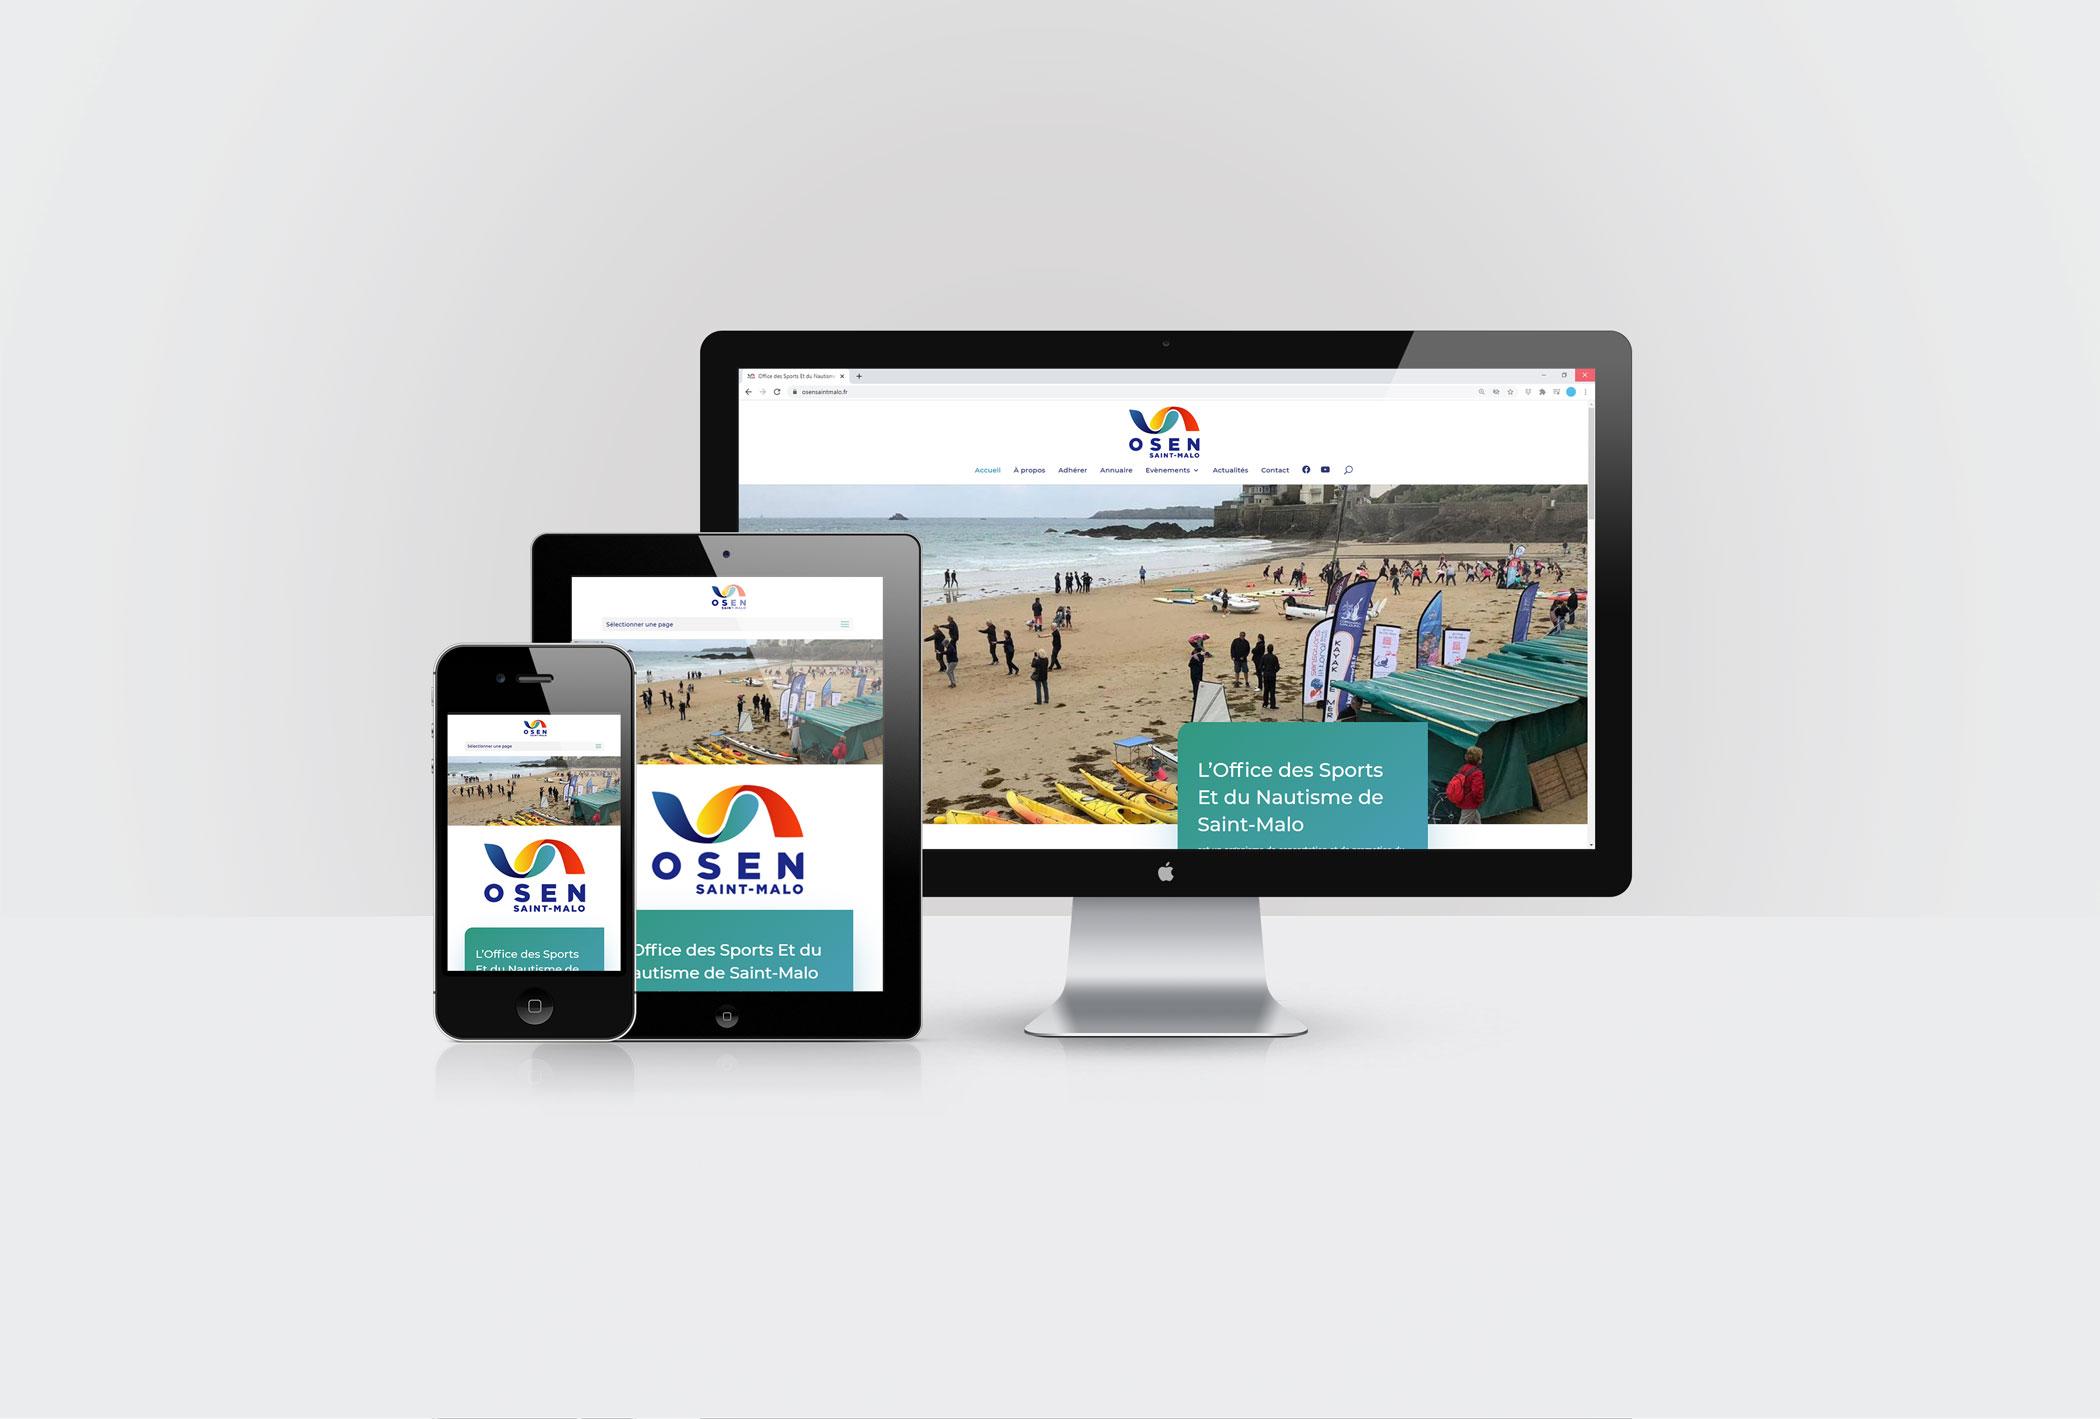 Formation des bénévoles de l'association OSEN Saint-Malo à la mise à jour du site internet